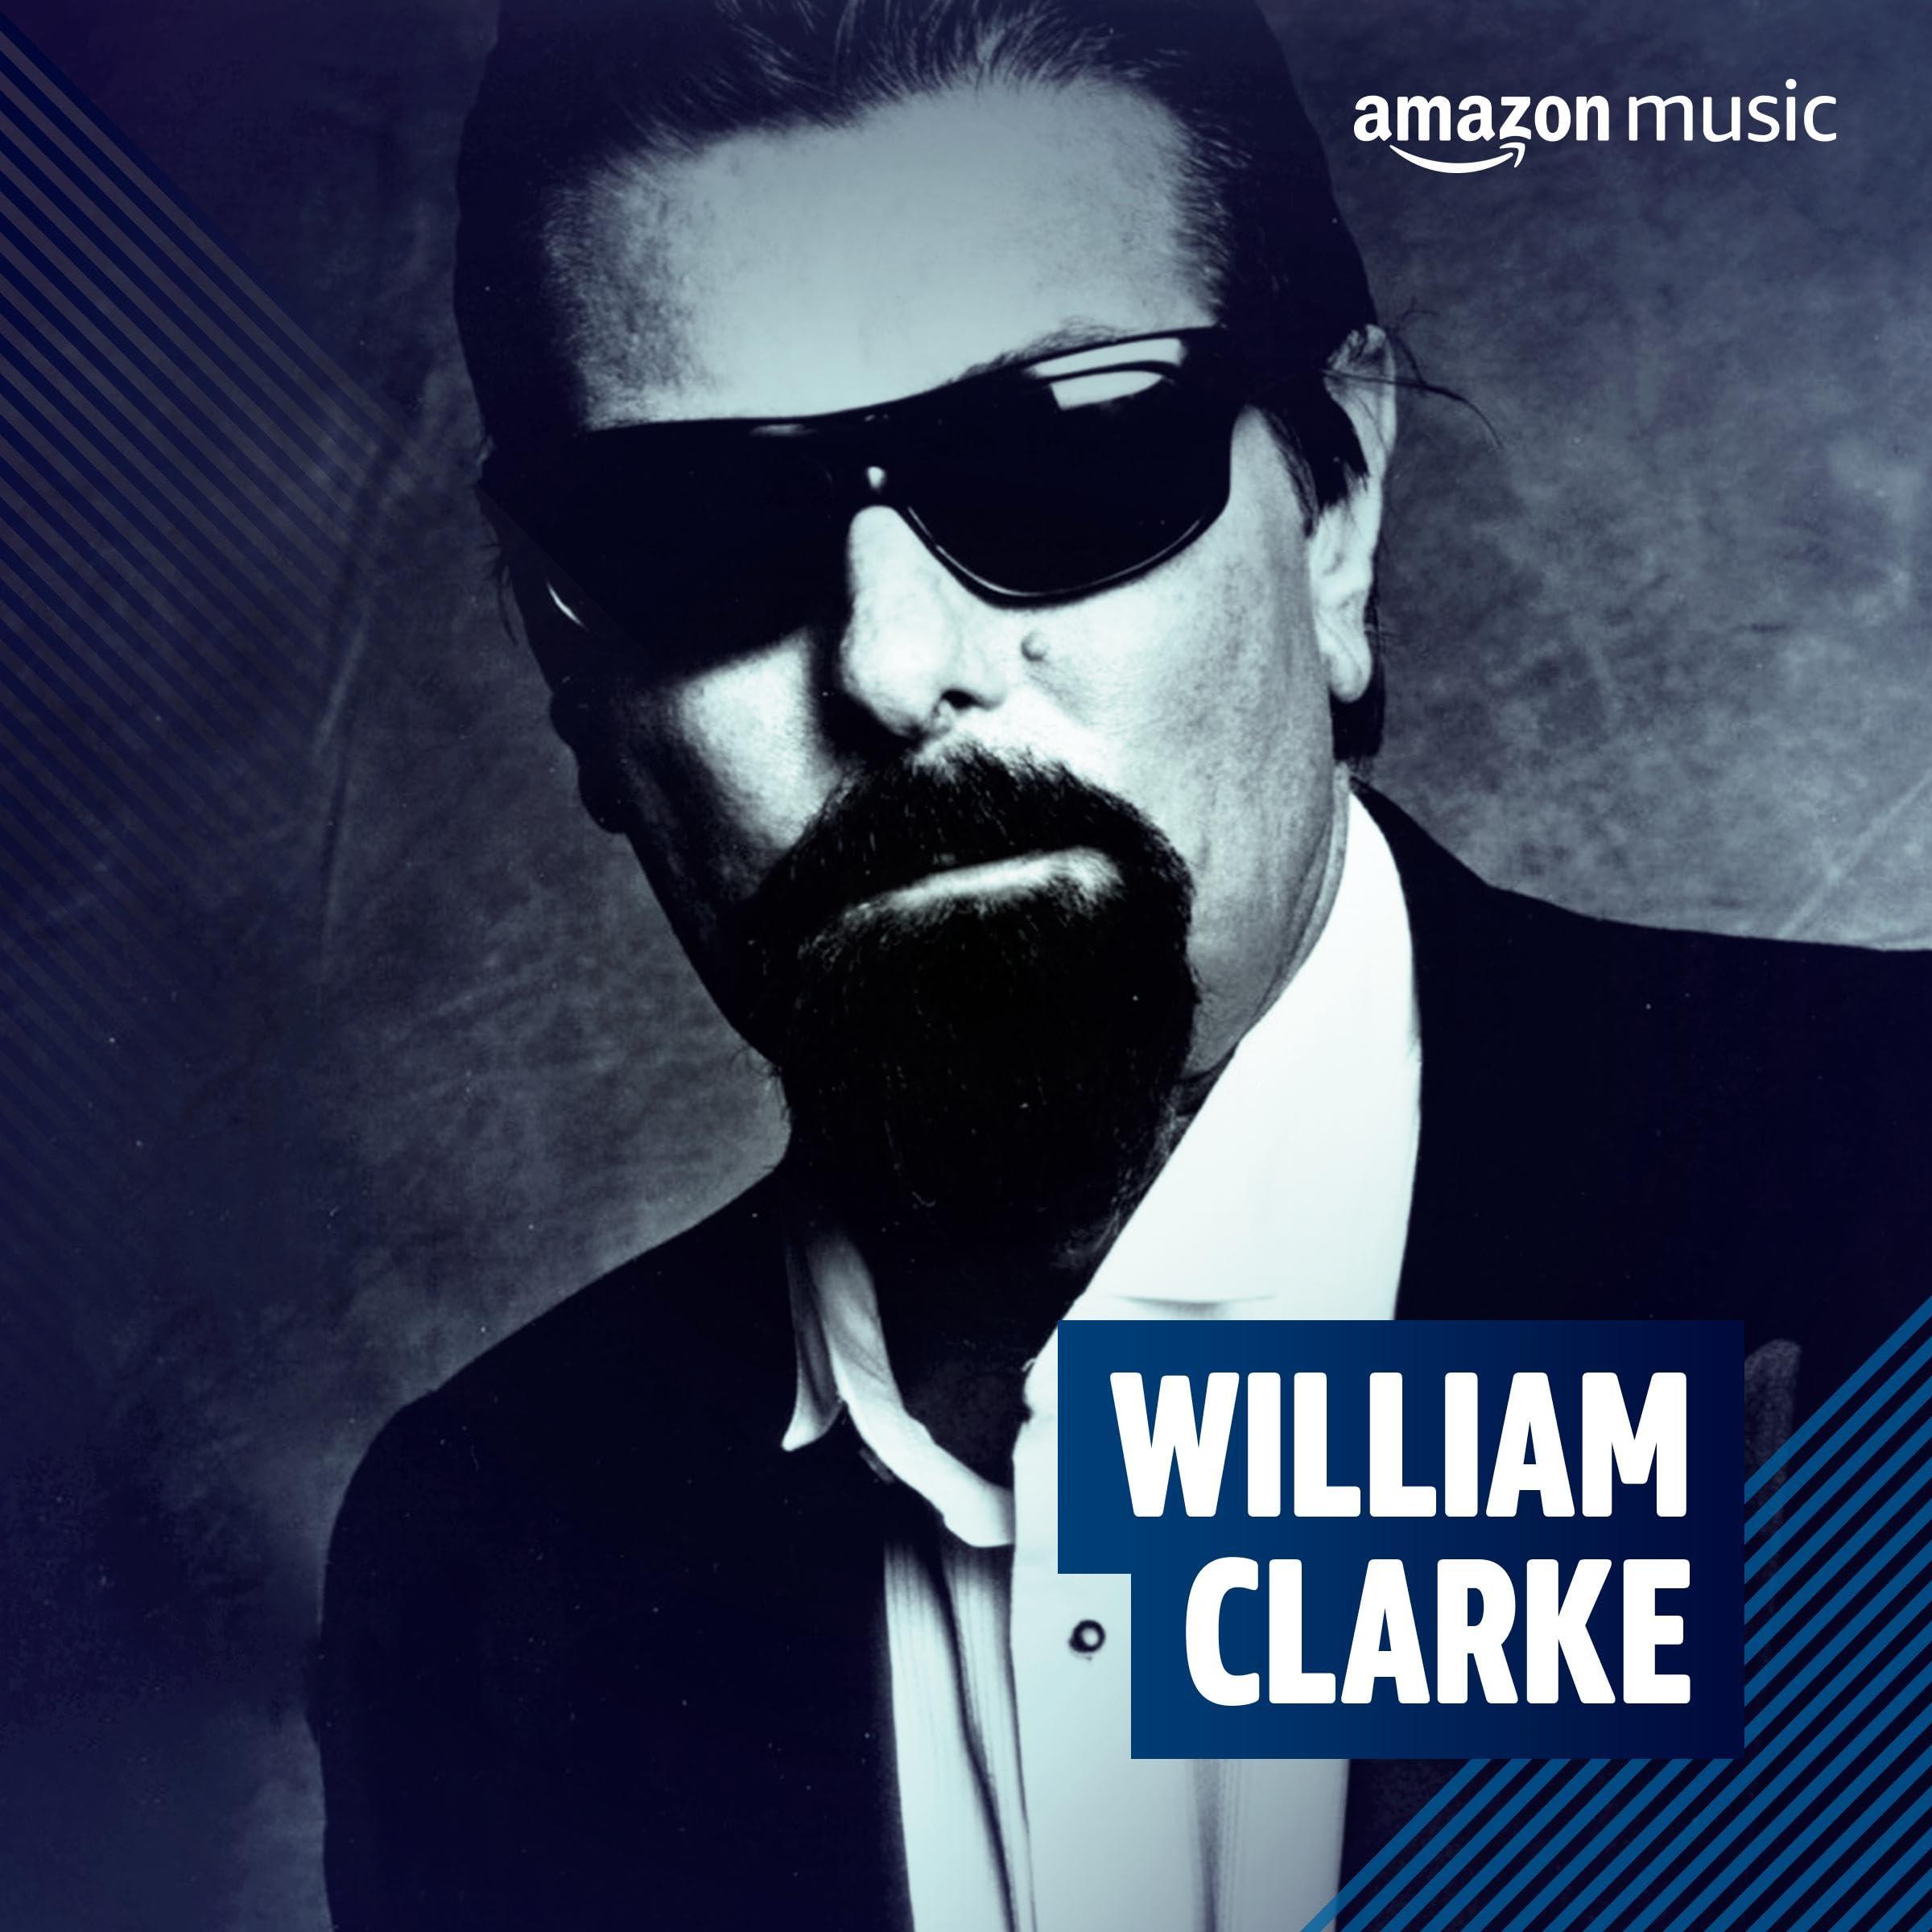 William Clarke